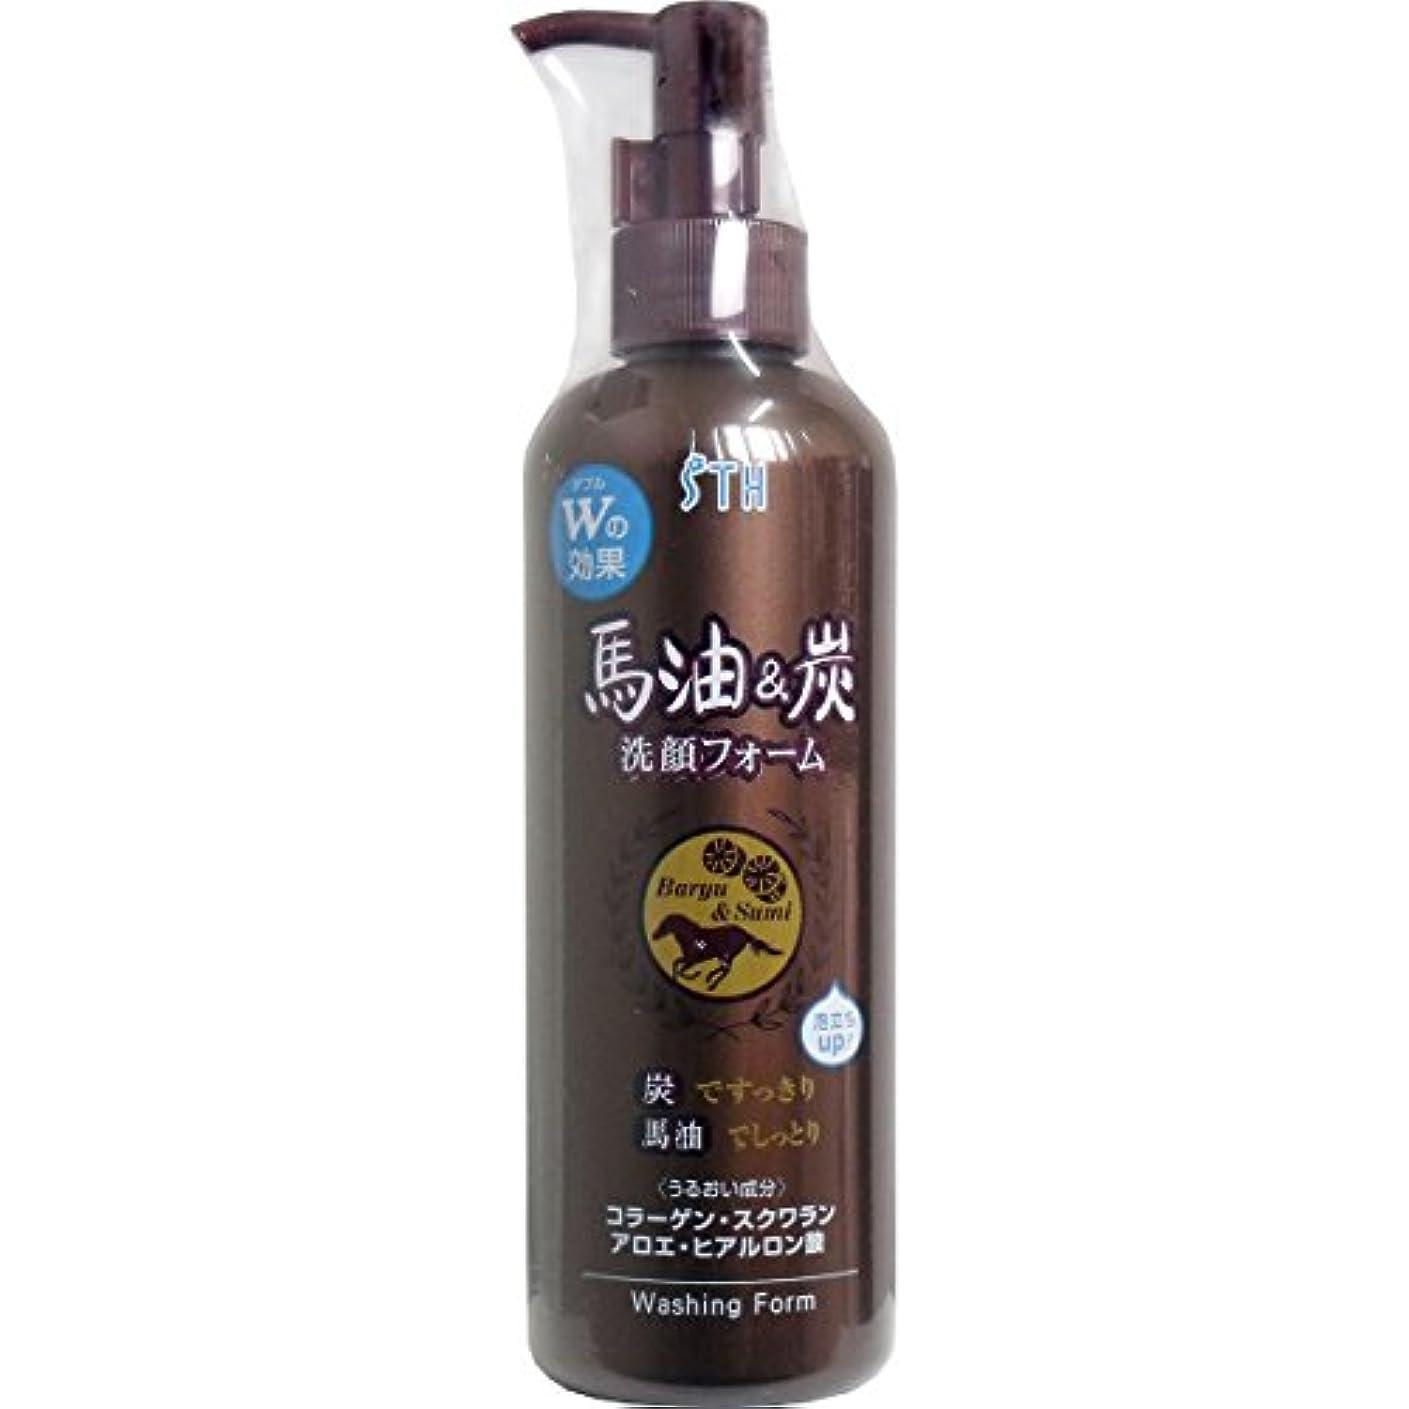 着替える現実的質素な馬油&炭 洗顔フォーム 250ml